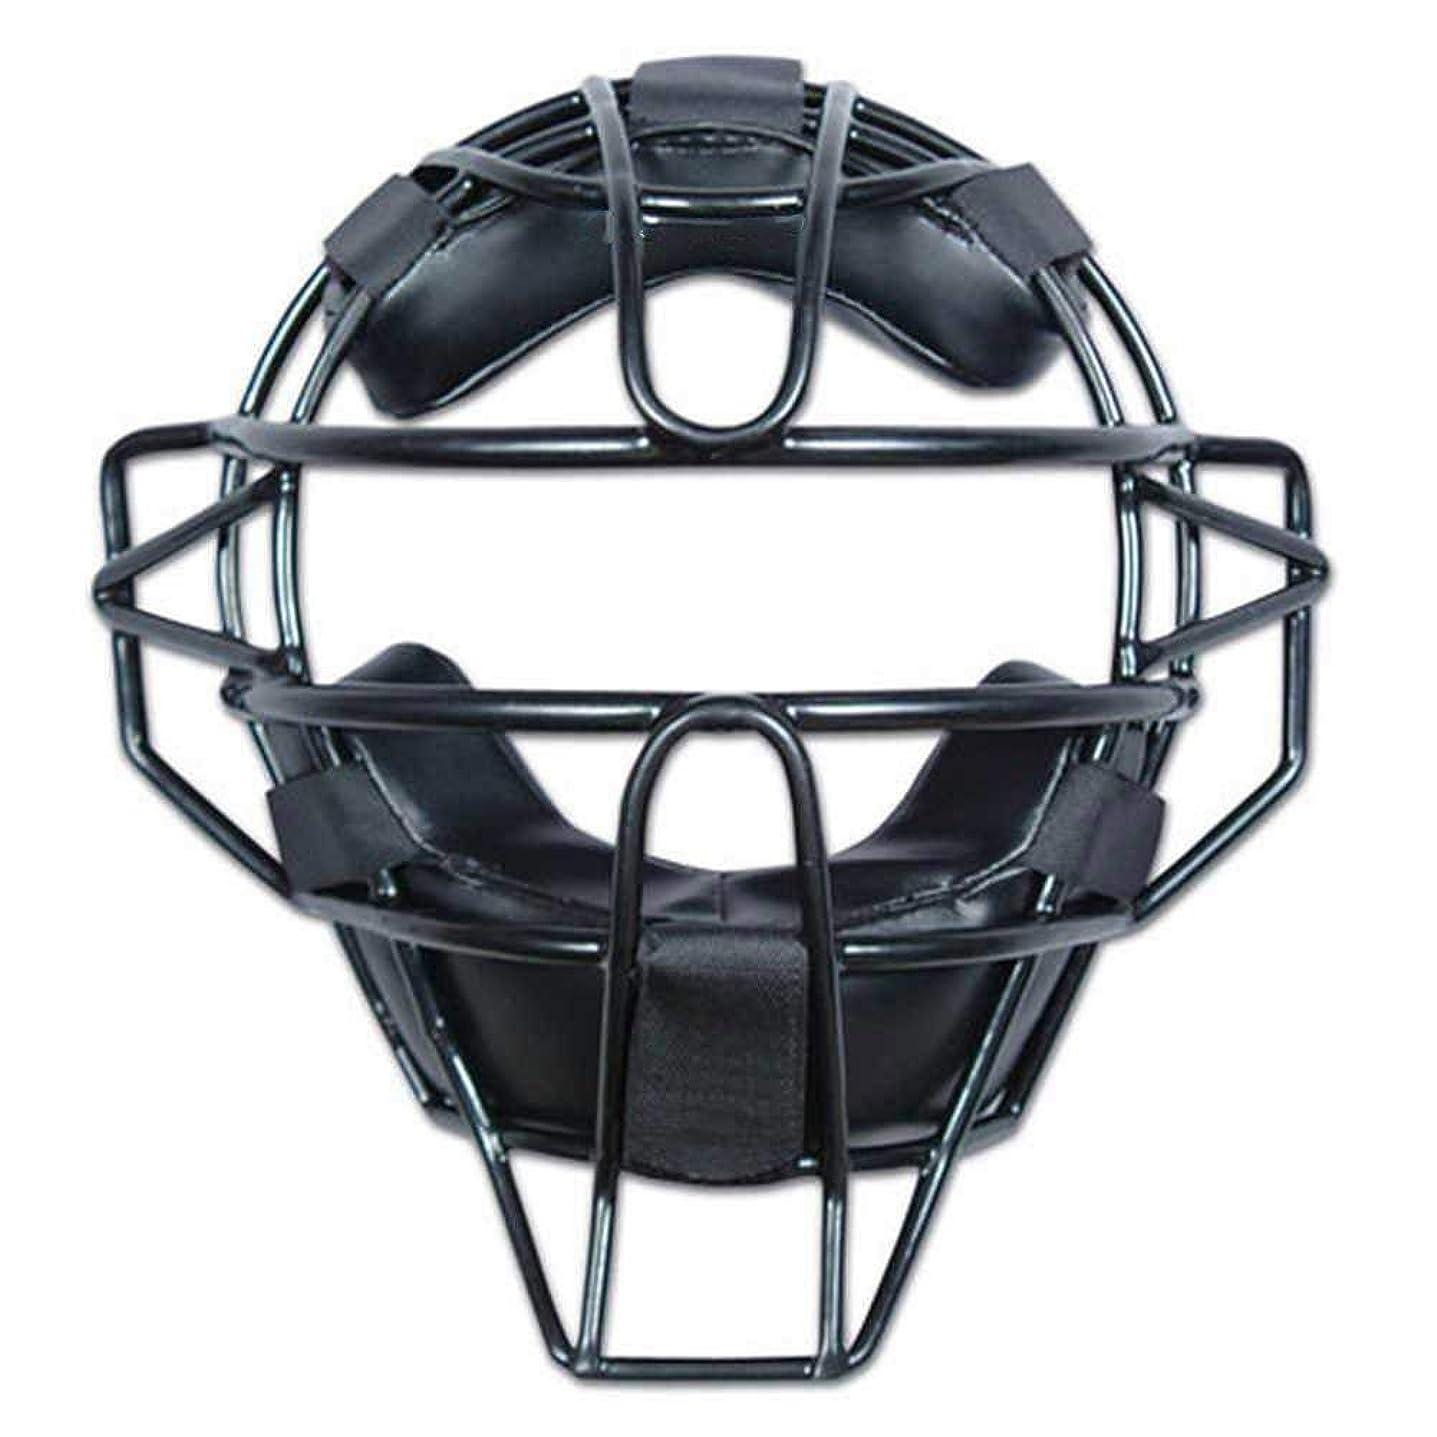 カスケードいらいらする呼吸億騰 保護フェイスマスク 野球 ソフトボール 防具 キャッチャー 運動保護 フェイス ガード マスク 大人用 ブラック